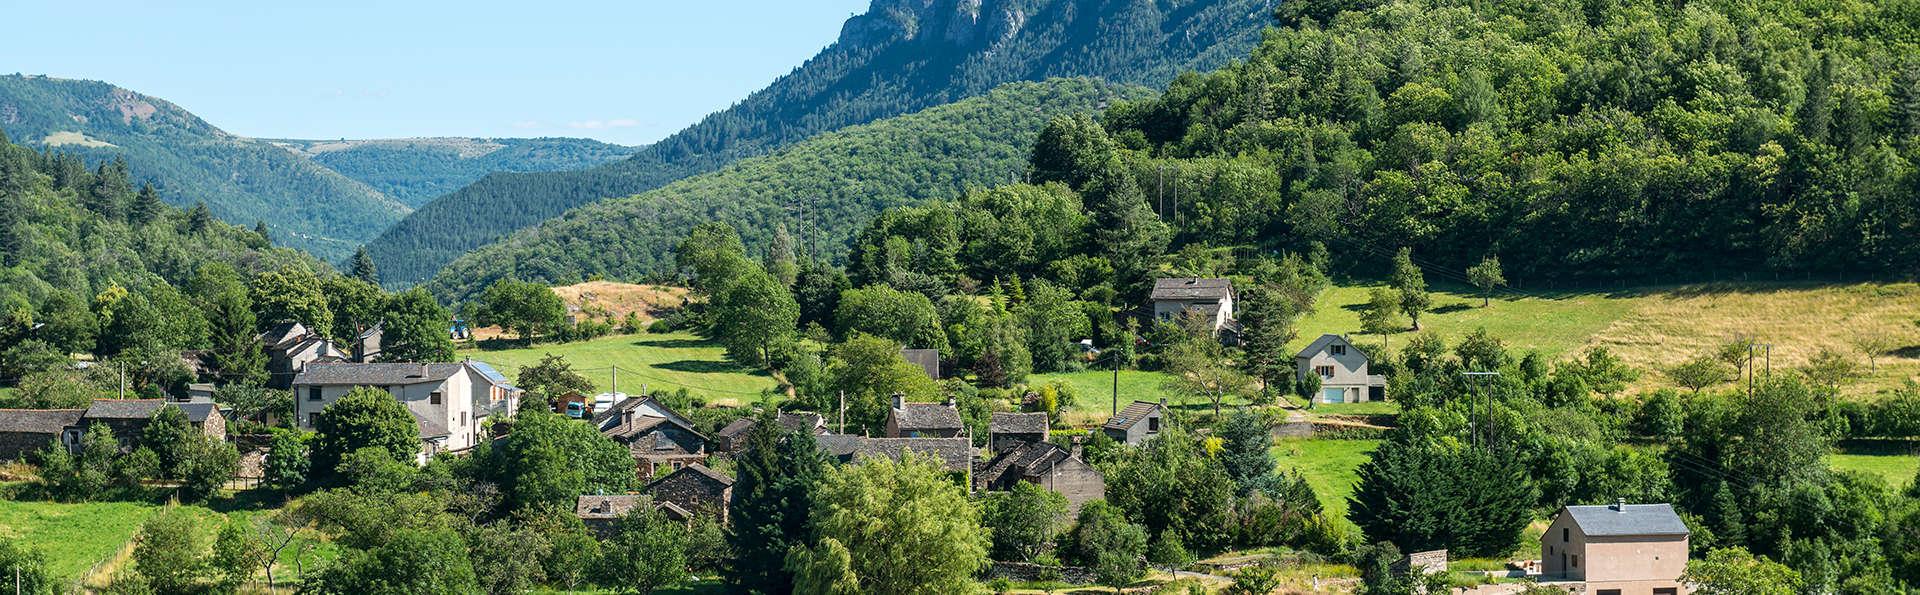 Park and Suites Gorges de L'Hérault-Cévennes - Edit_Cevennes5.jpg